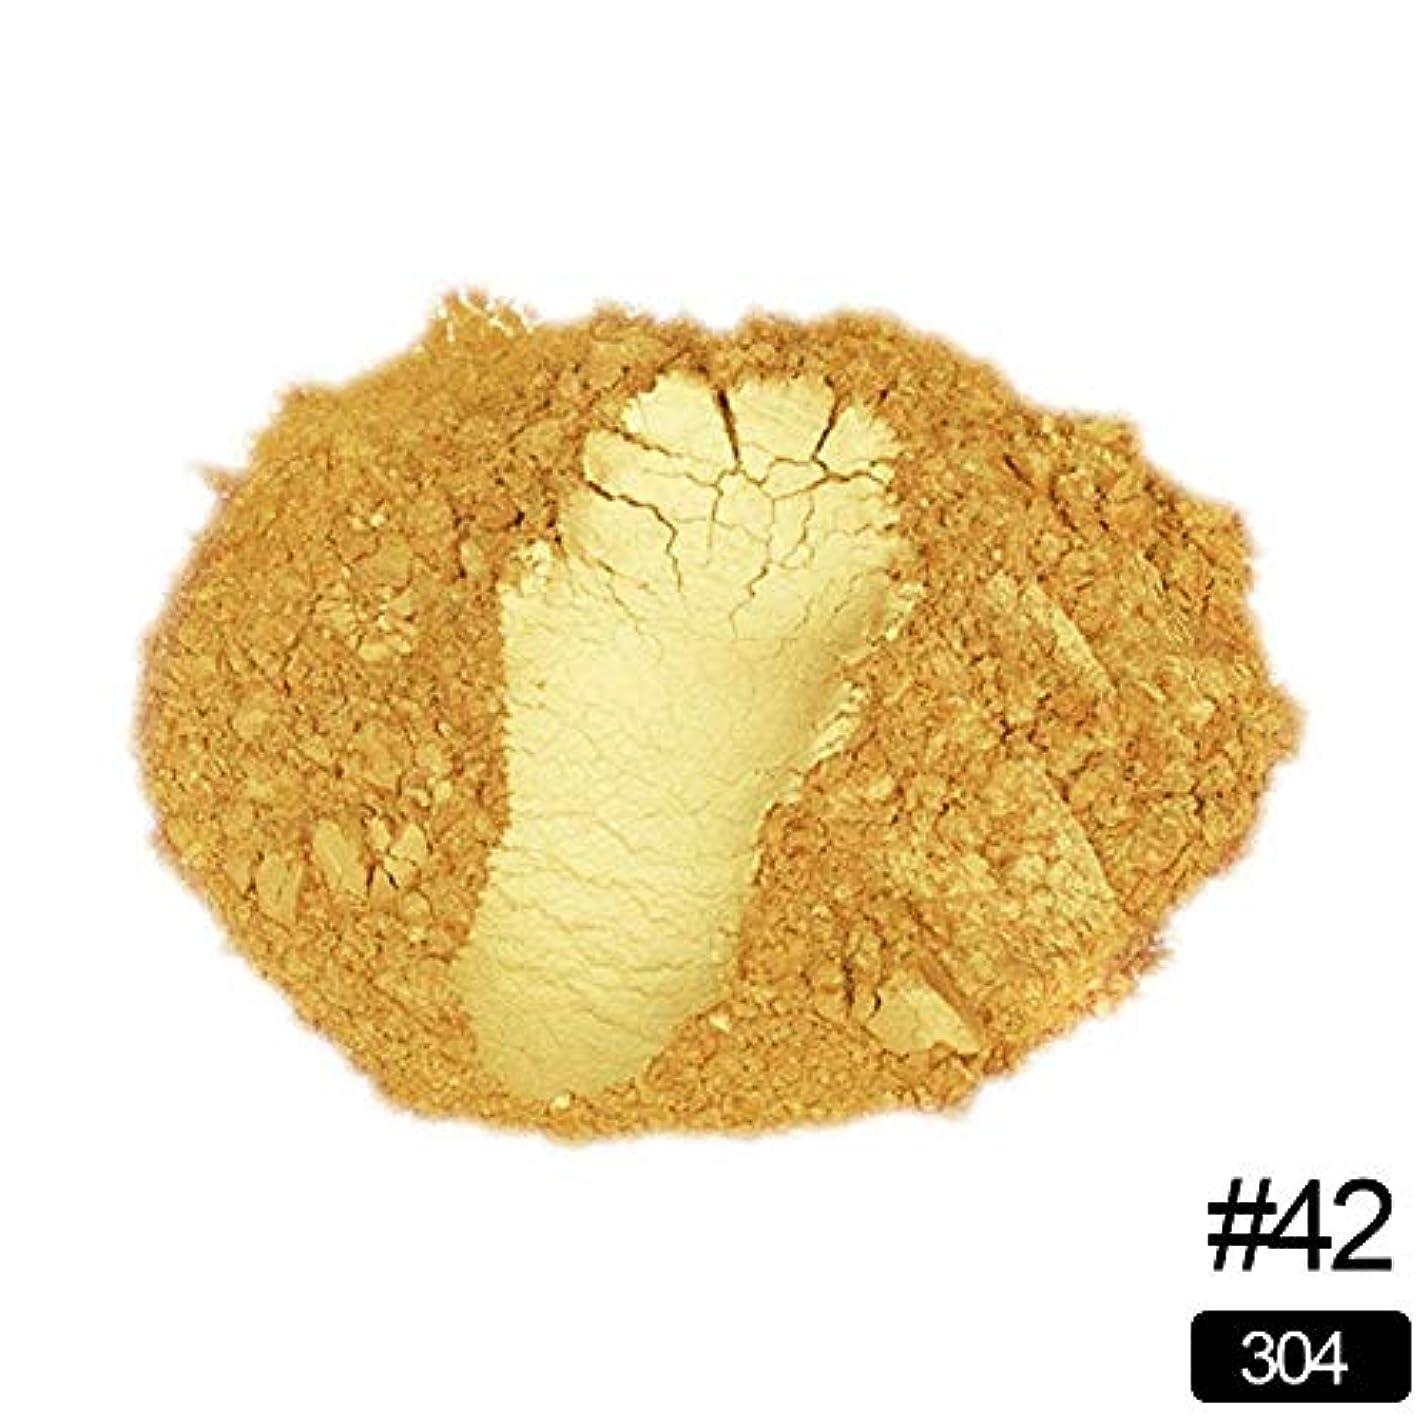 リーガン鹿トラフBETTER YOU (ベター ュー) 夏のアイシャドウ、口紅、フリッカー、カラフル、崩れない、ぼかしやすい、69色 目、唇、フリッカー、ハイライト (AW 351)